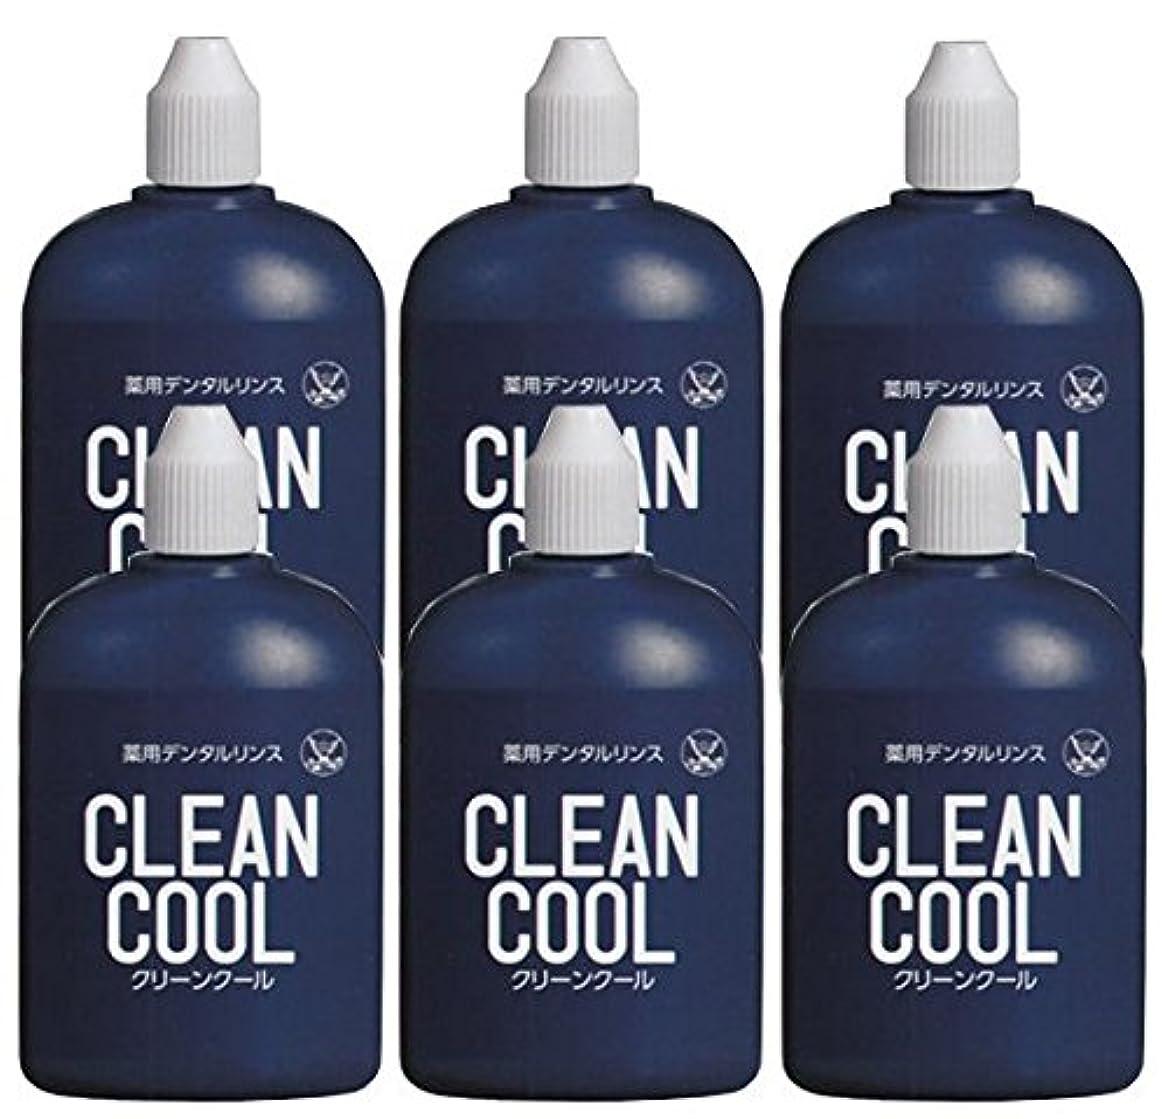 安心させるほかに水陸両用薬用デンタルリンス クリーンクール (CLEAN COOL) 洗口液 100ml × 6個